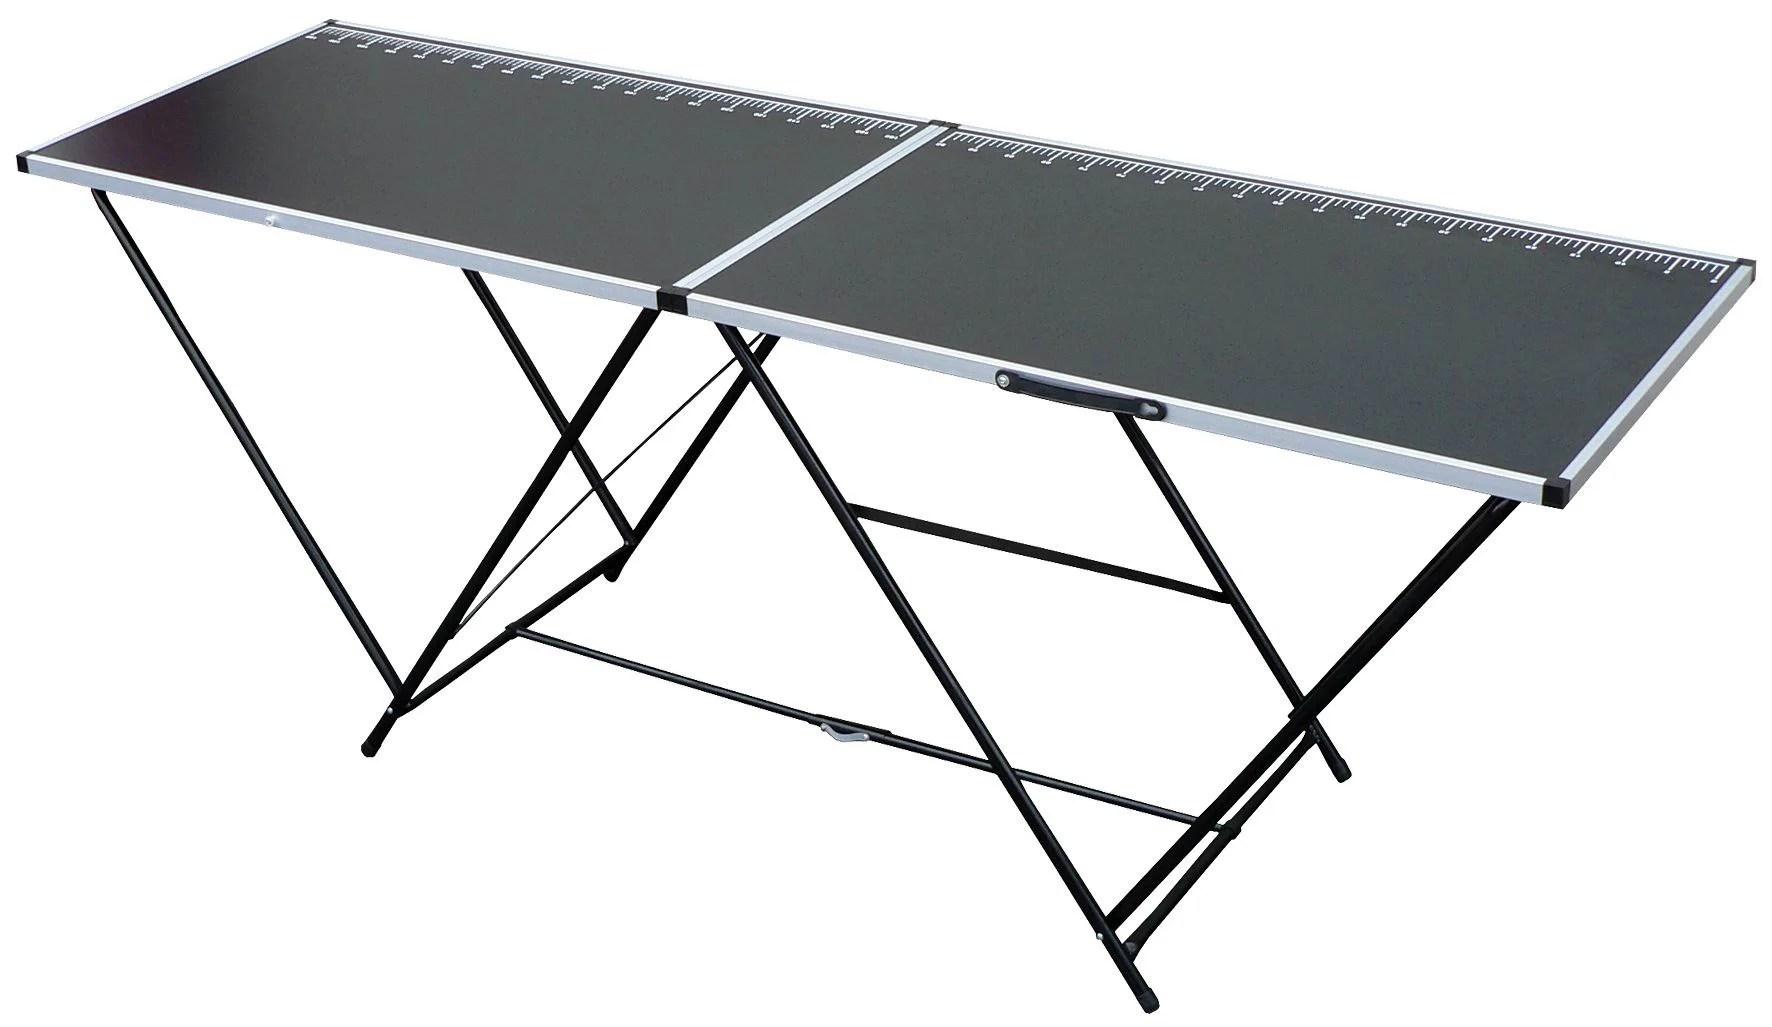 Table Alu Pliante Leroy Merlin